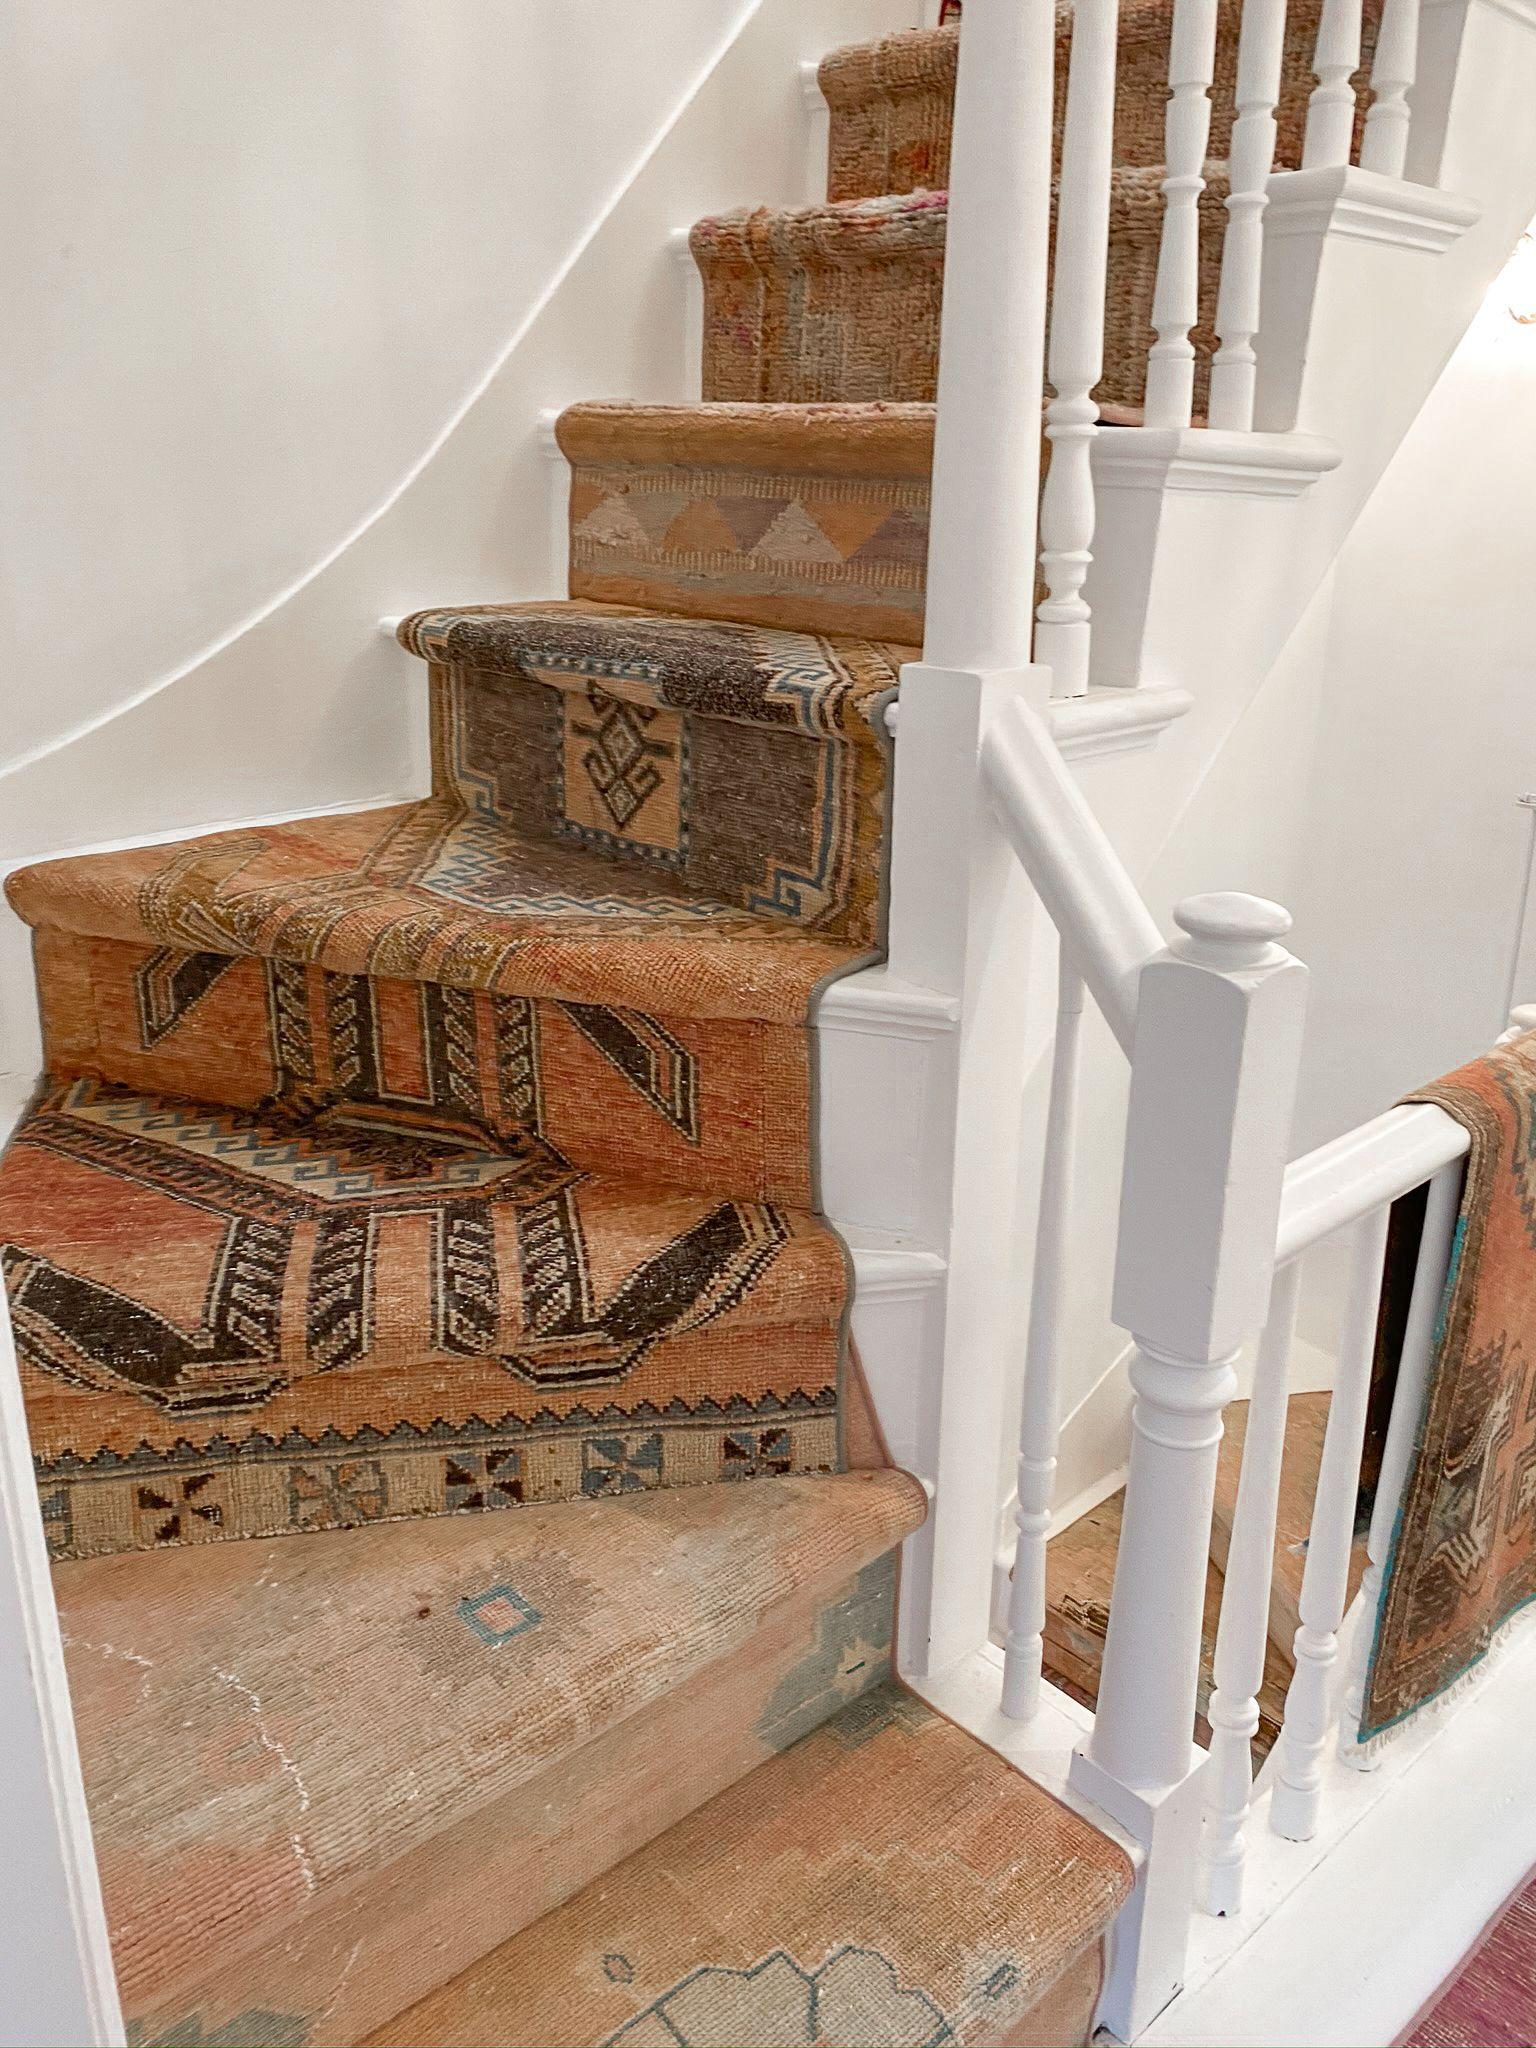 Vintage Pink Orange Stair Runner In 2020 Stair Runner Stairs | Custom Carpet Runners For Stairs | Wood | Stair Treads | Landing | Carpet Workroom | Flooring